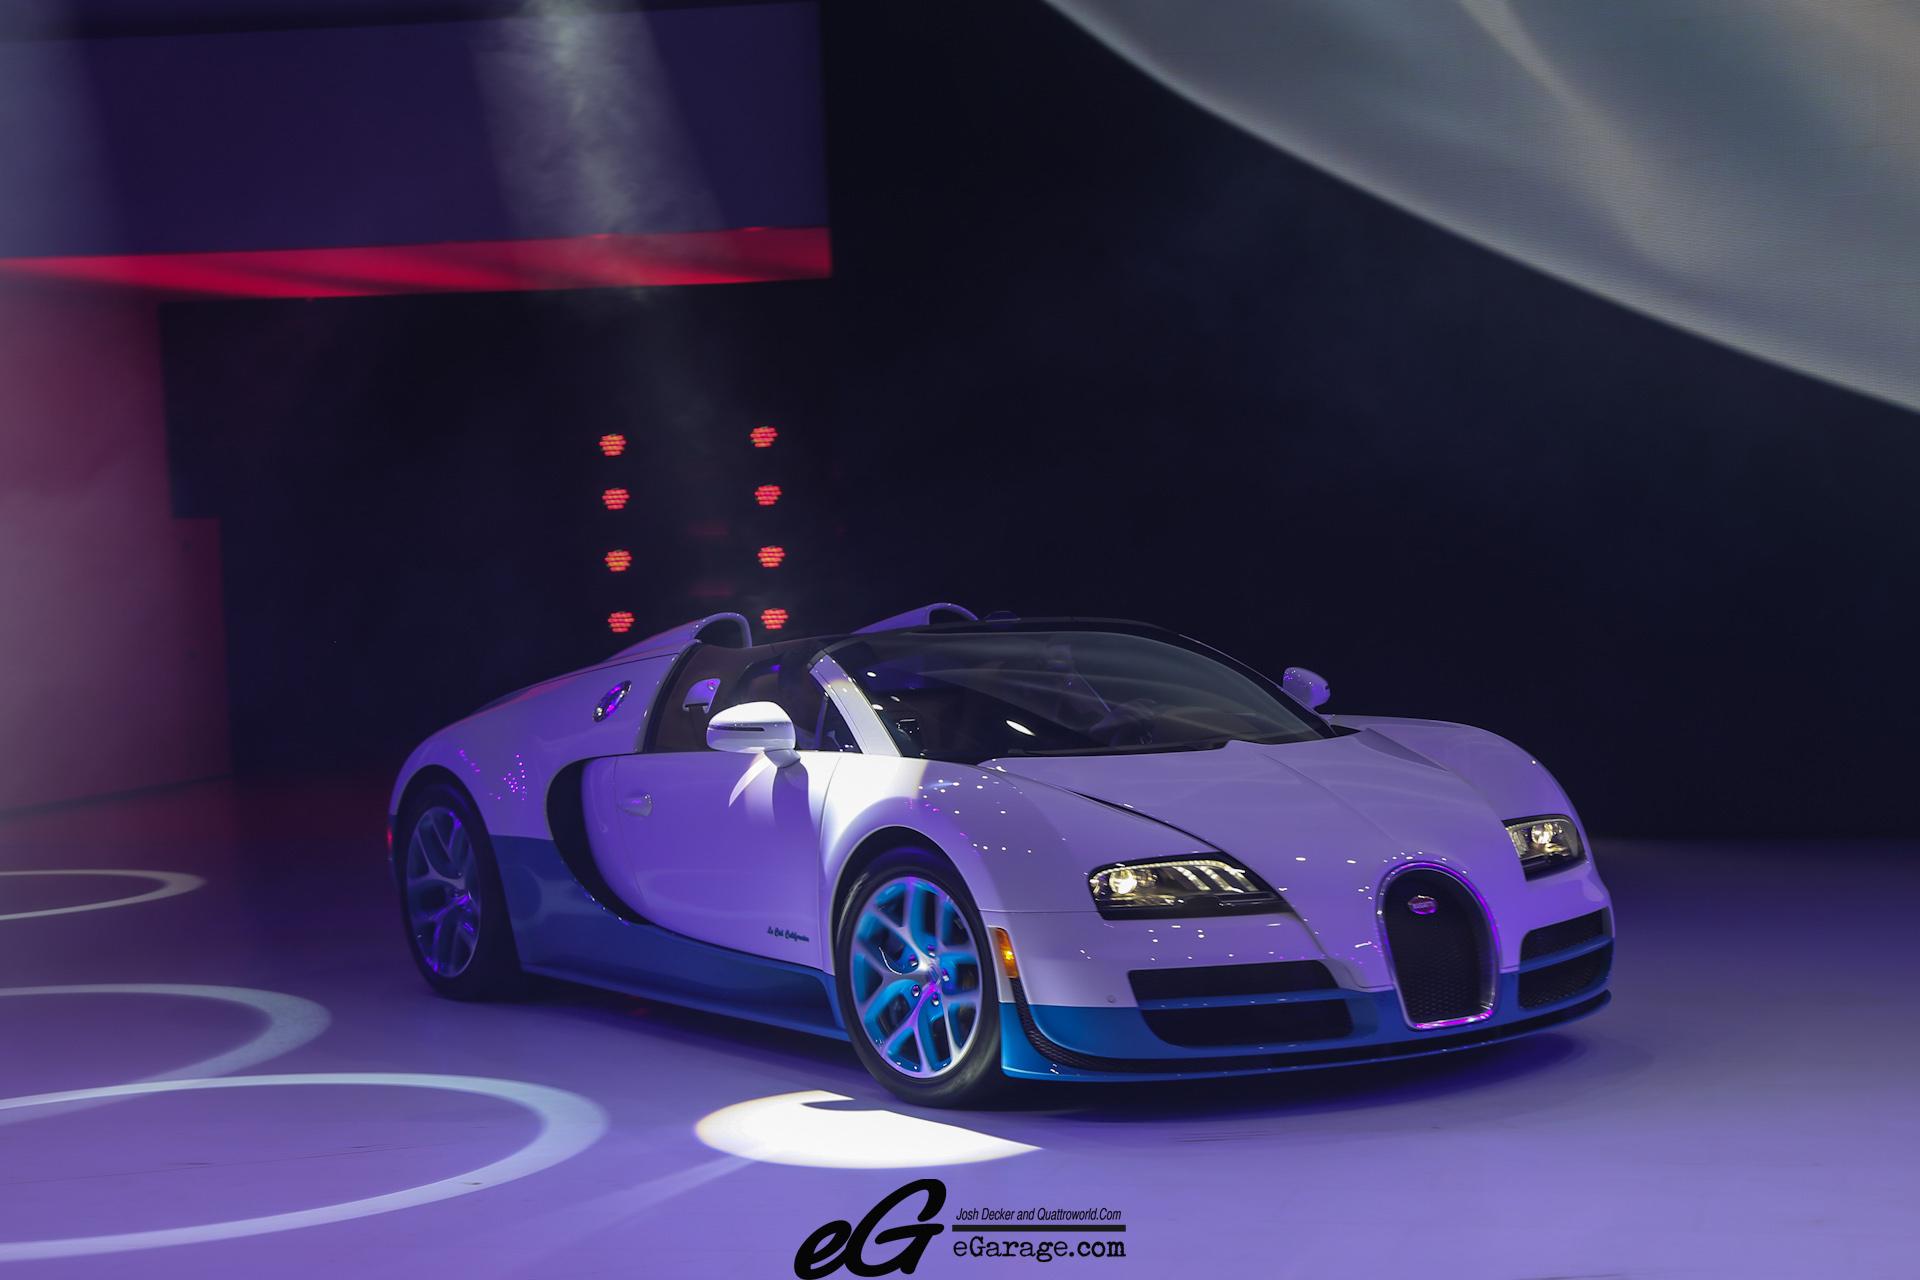 8030381148 c6de07dee1 o 2012 Paris Motor Show